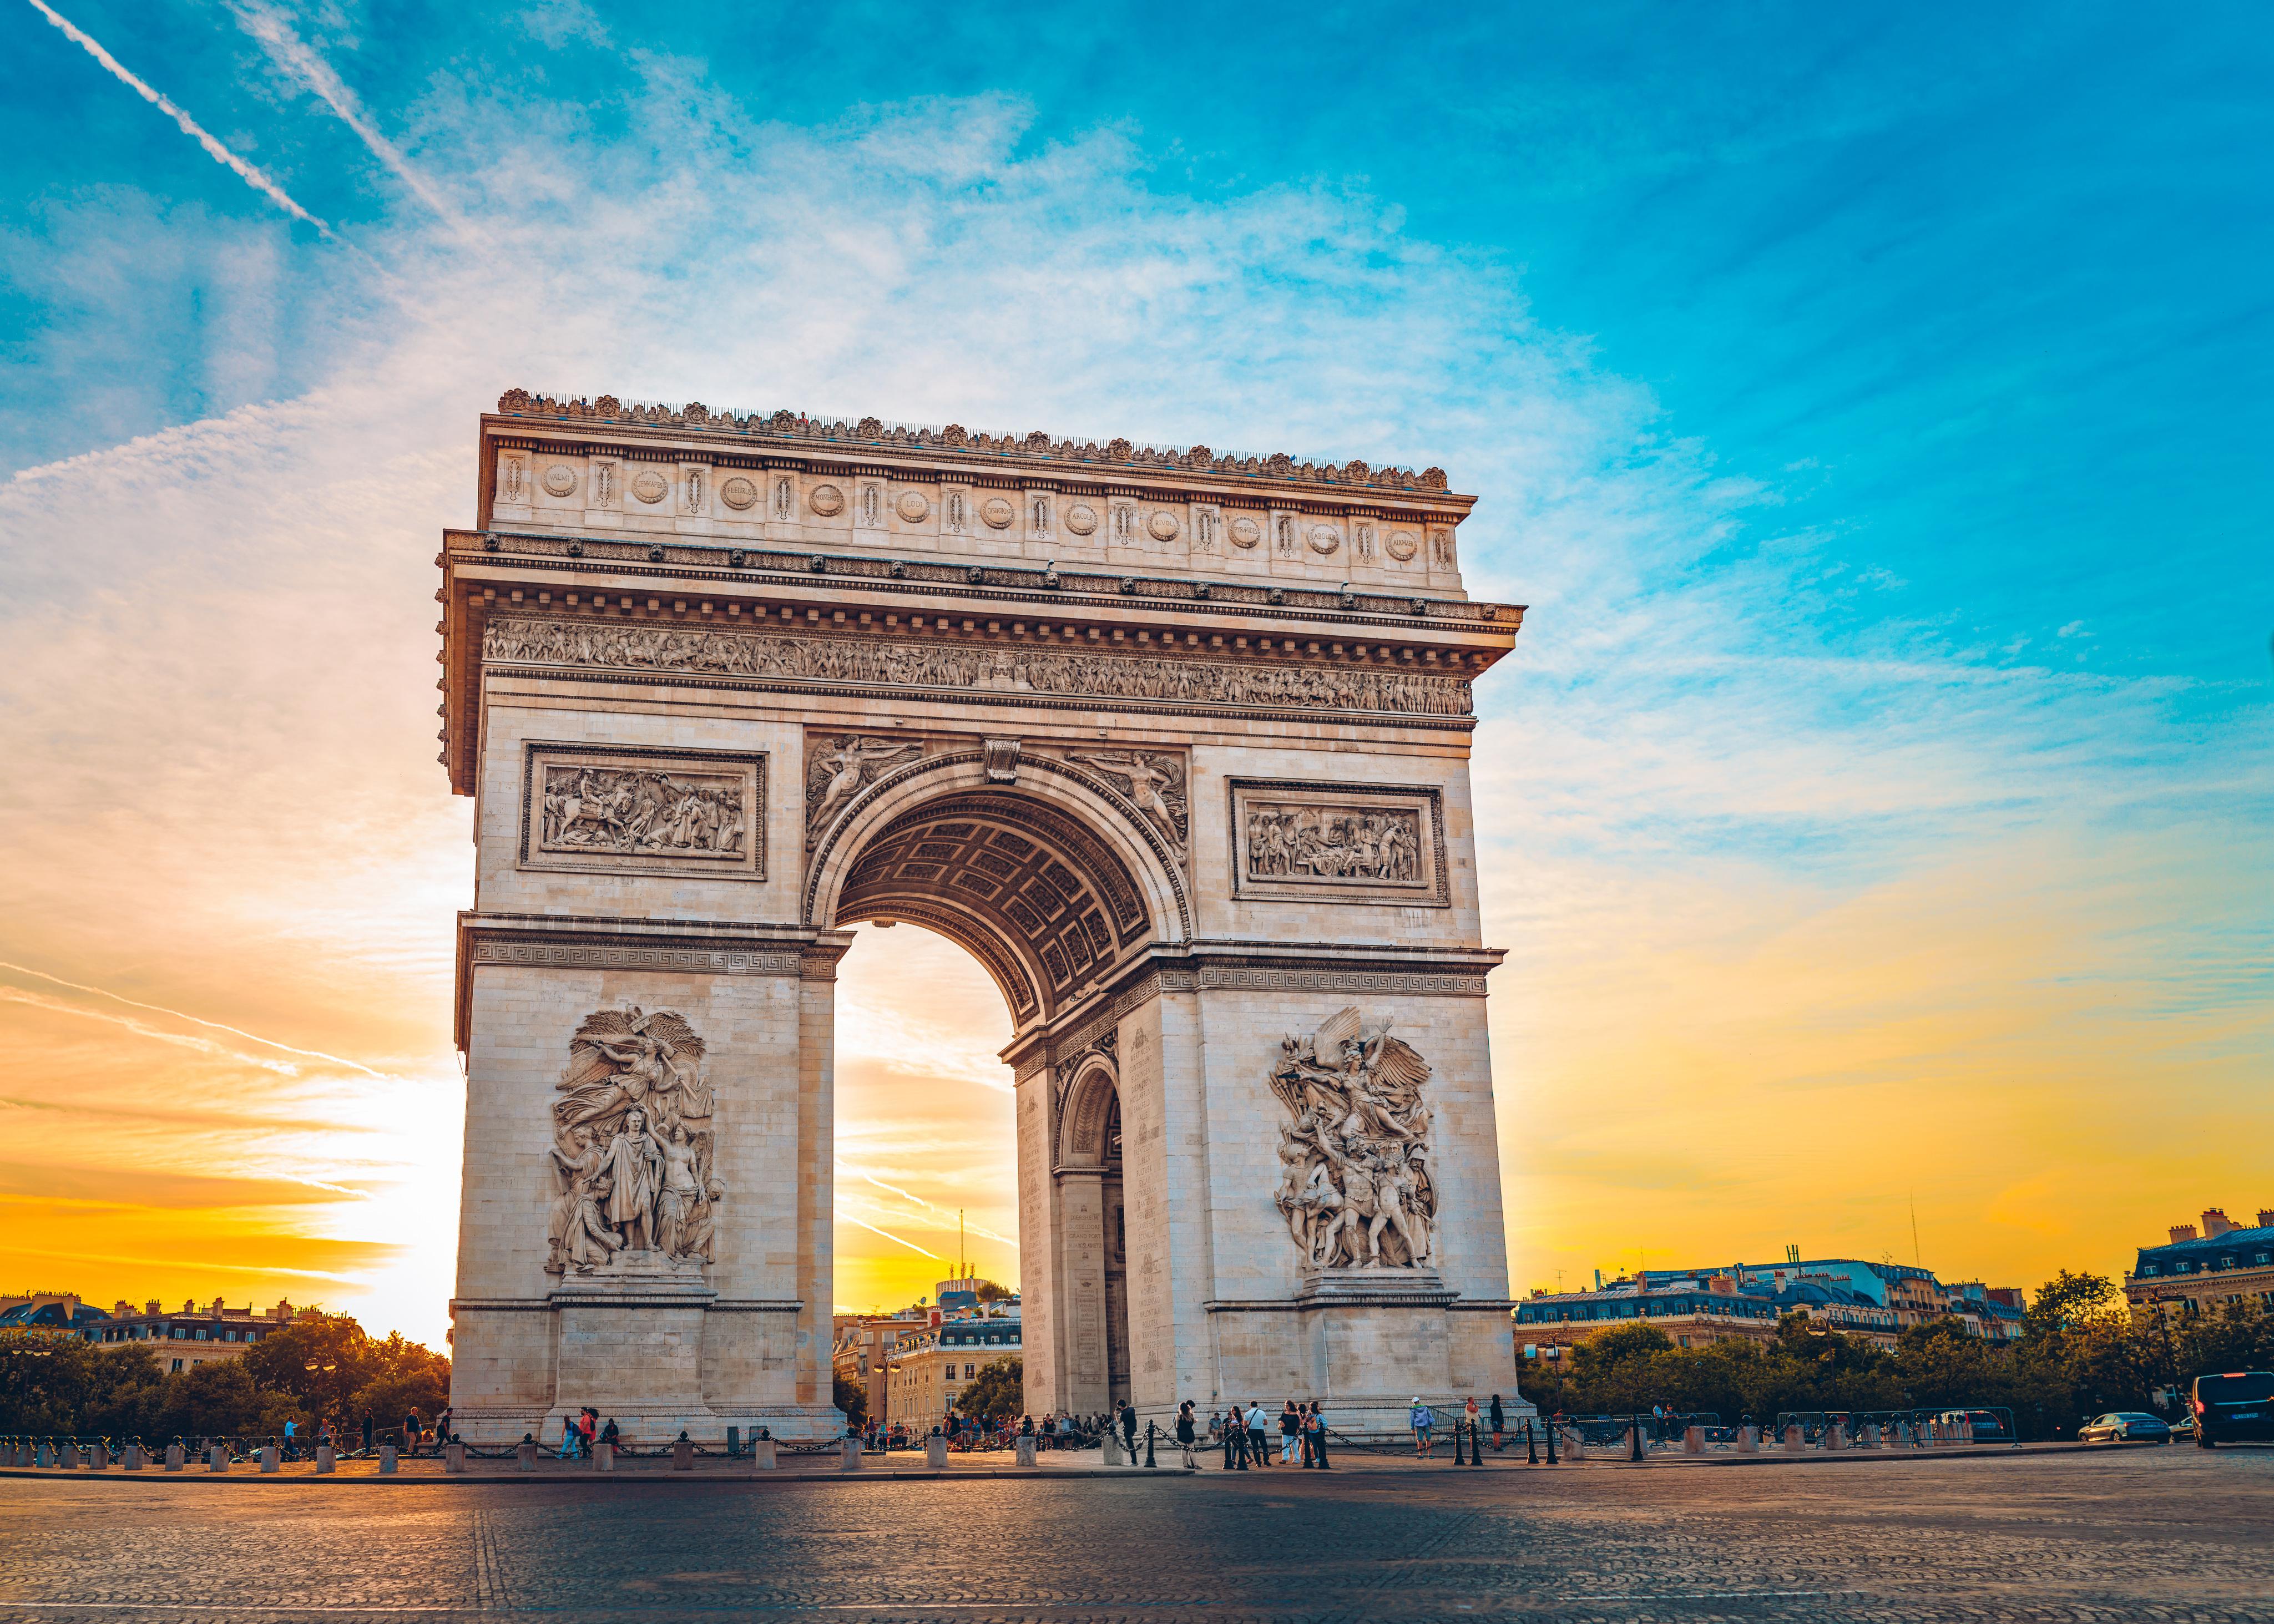 Триумфальная арка во Франции, куда можно переехать из стран СНГ